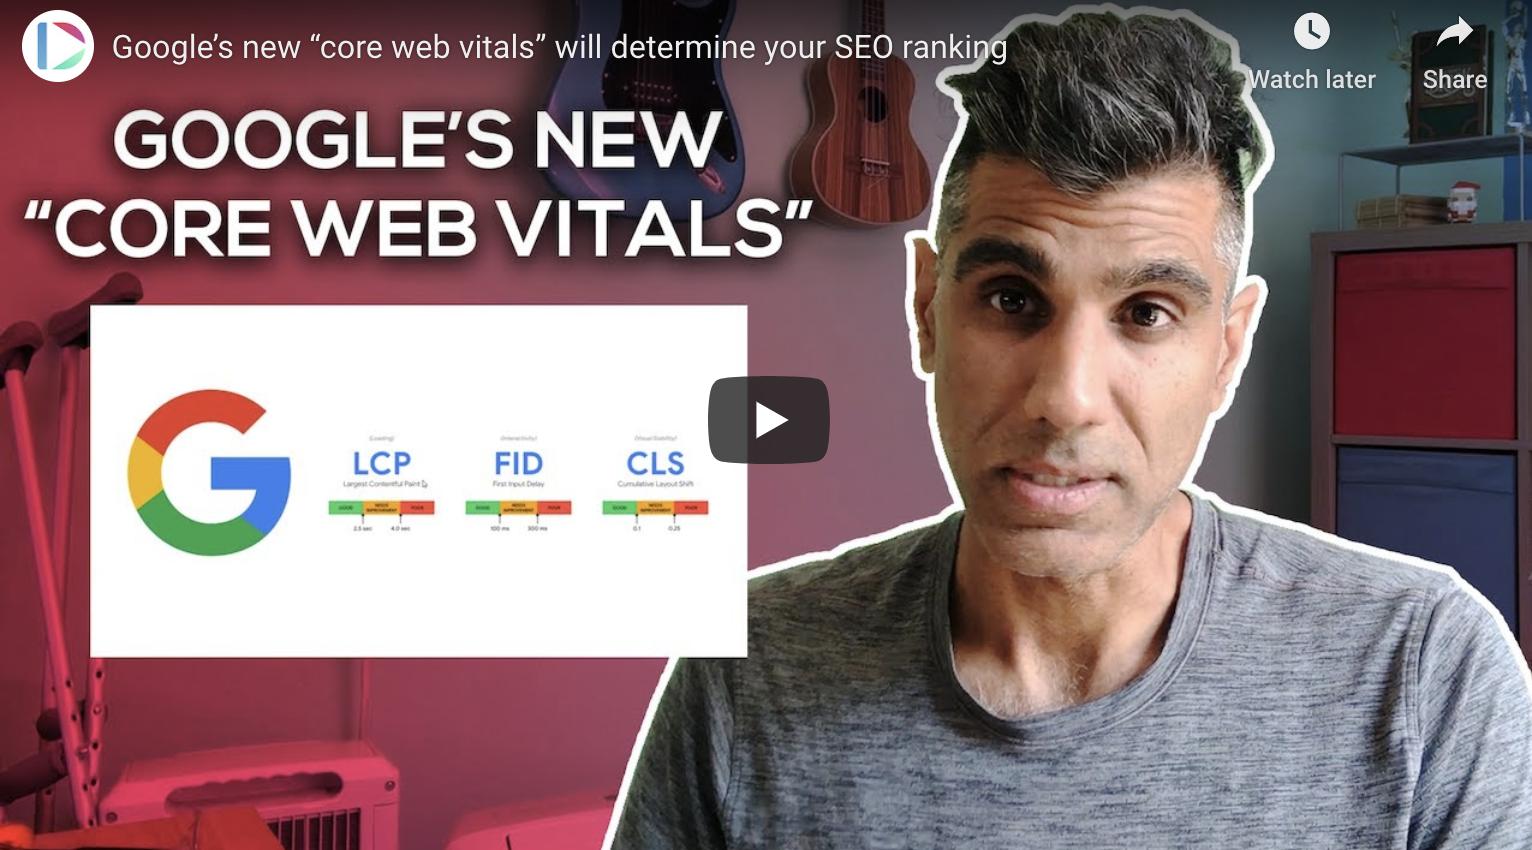 Google's New Core Web Vitals